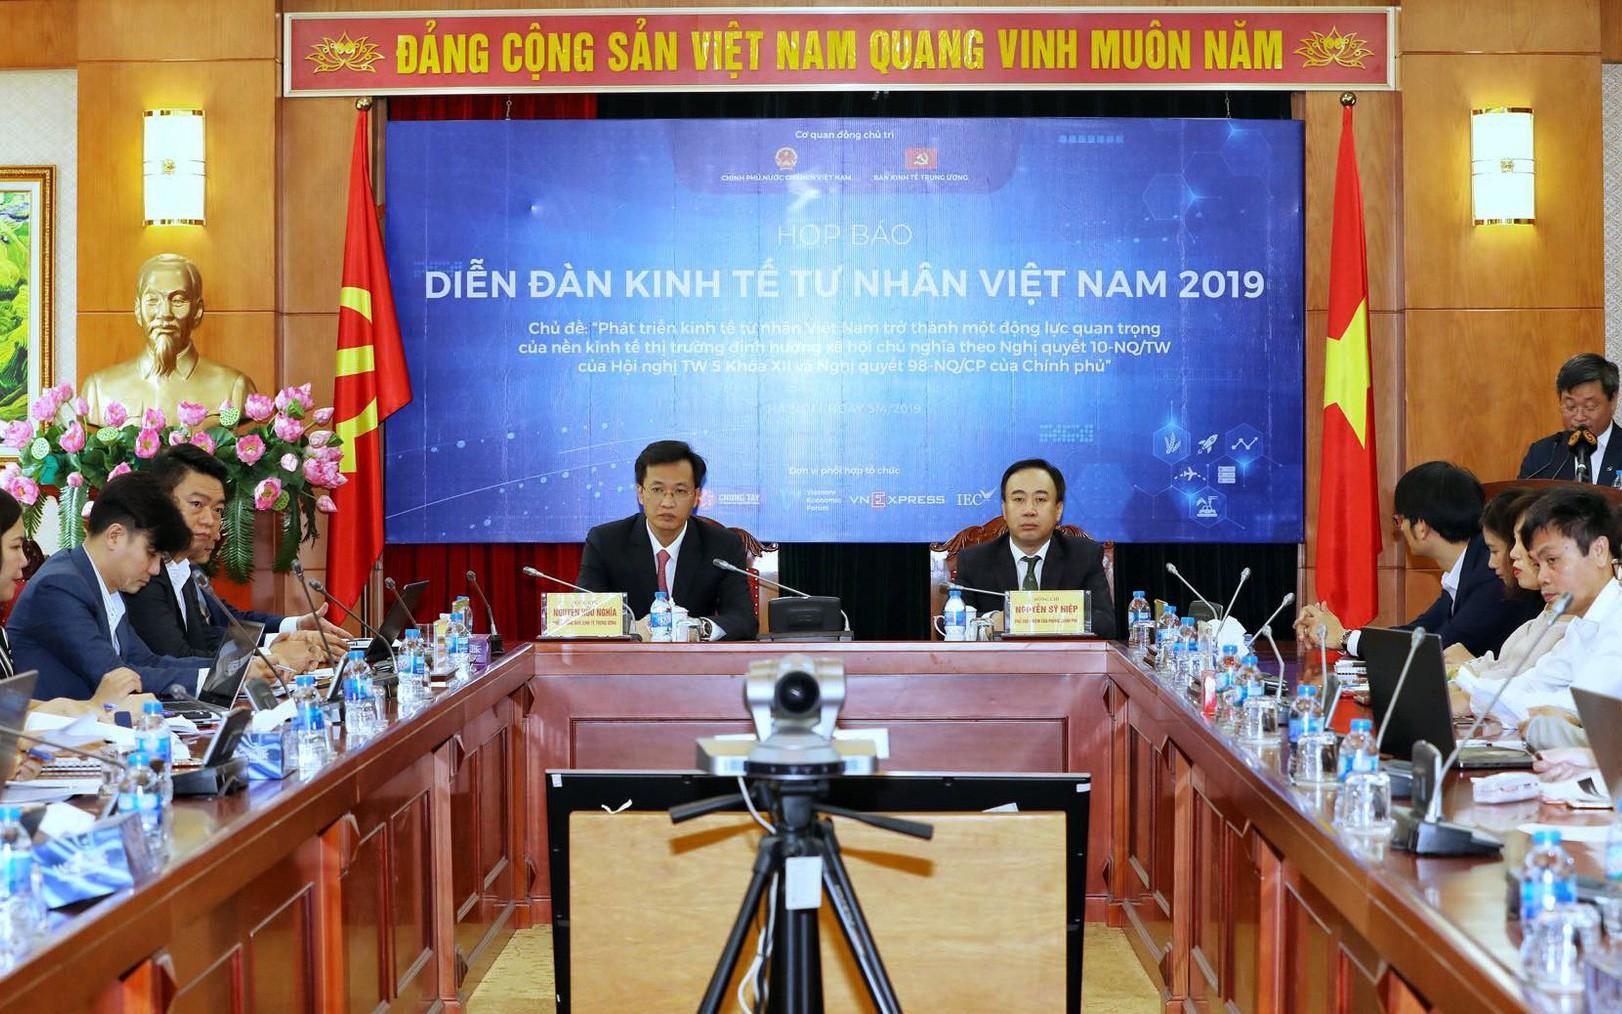 Diễn đàn kinh tế tư nhân Việt Nam 2019 tìm cách thu hút phân khúc thị trường khách du lịch có khả năng chi trả cao